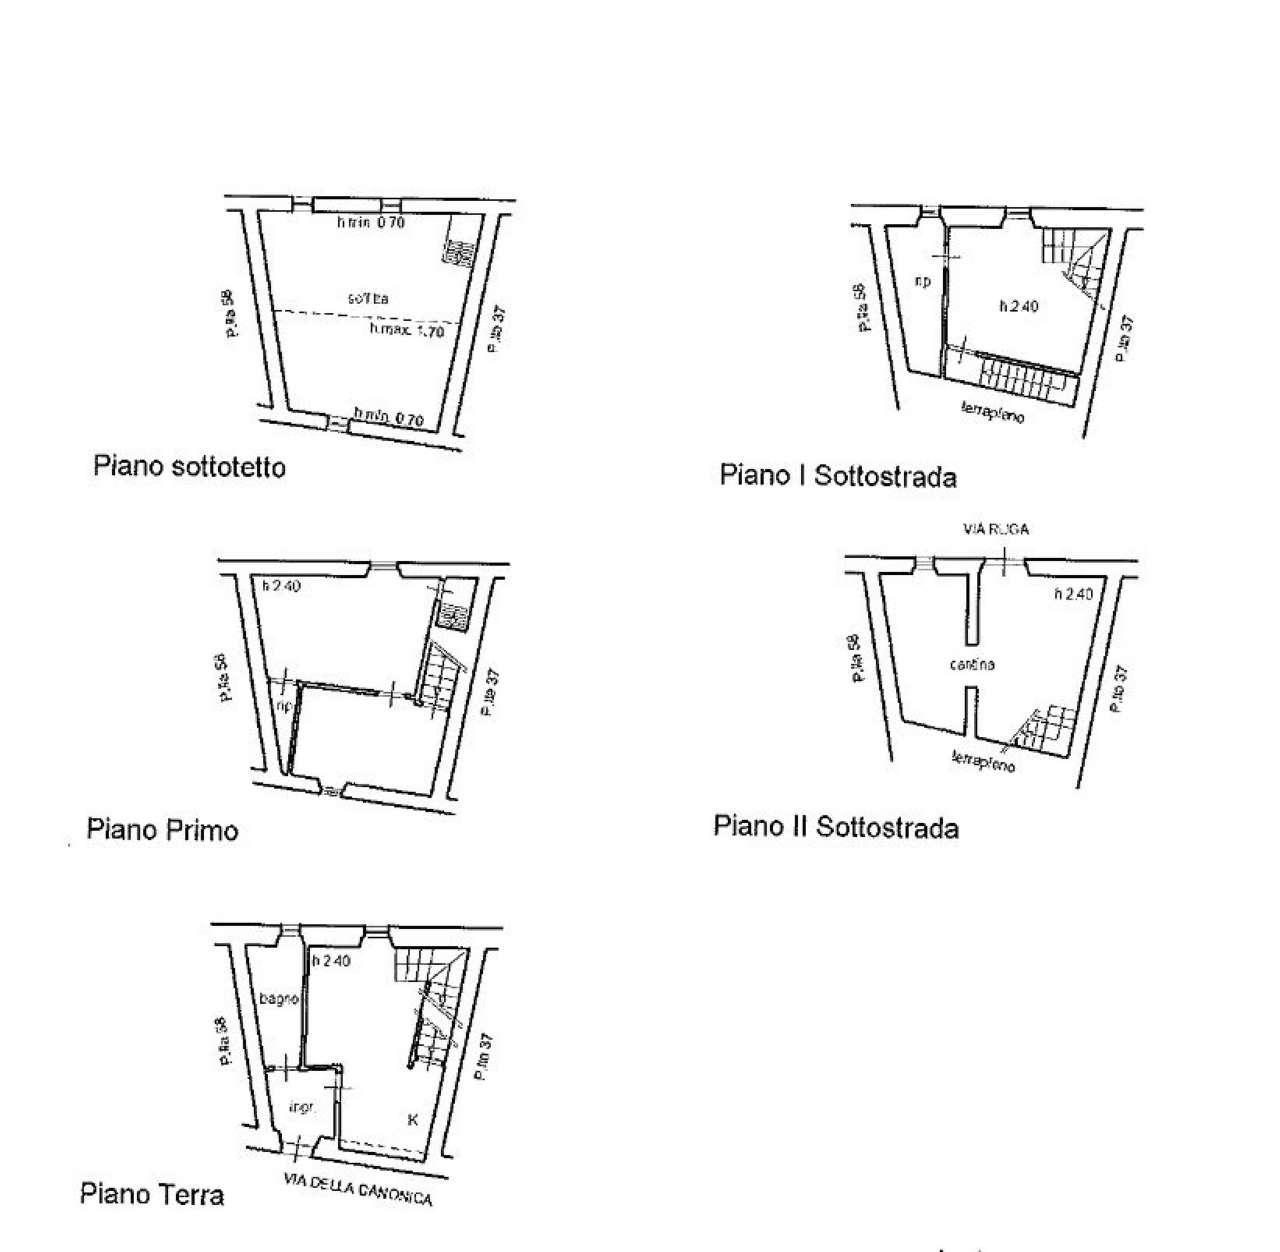 Quadrilocale disposto su due livelli con vista panoramica e cantina